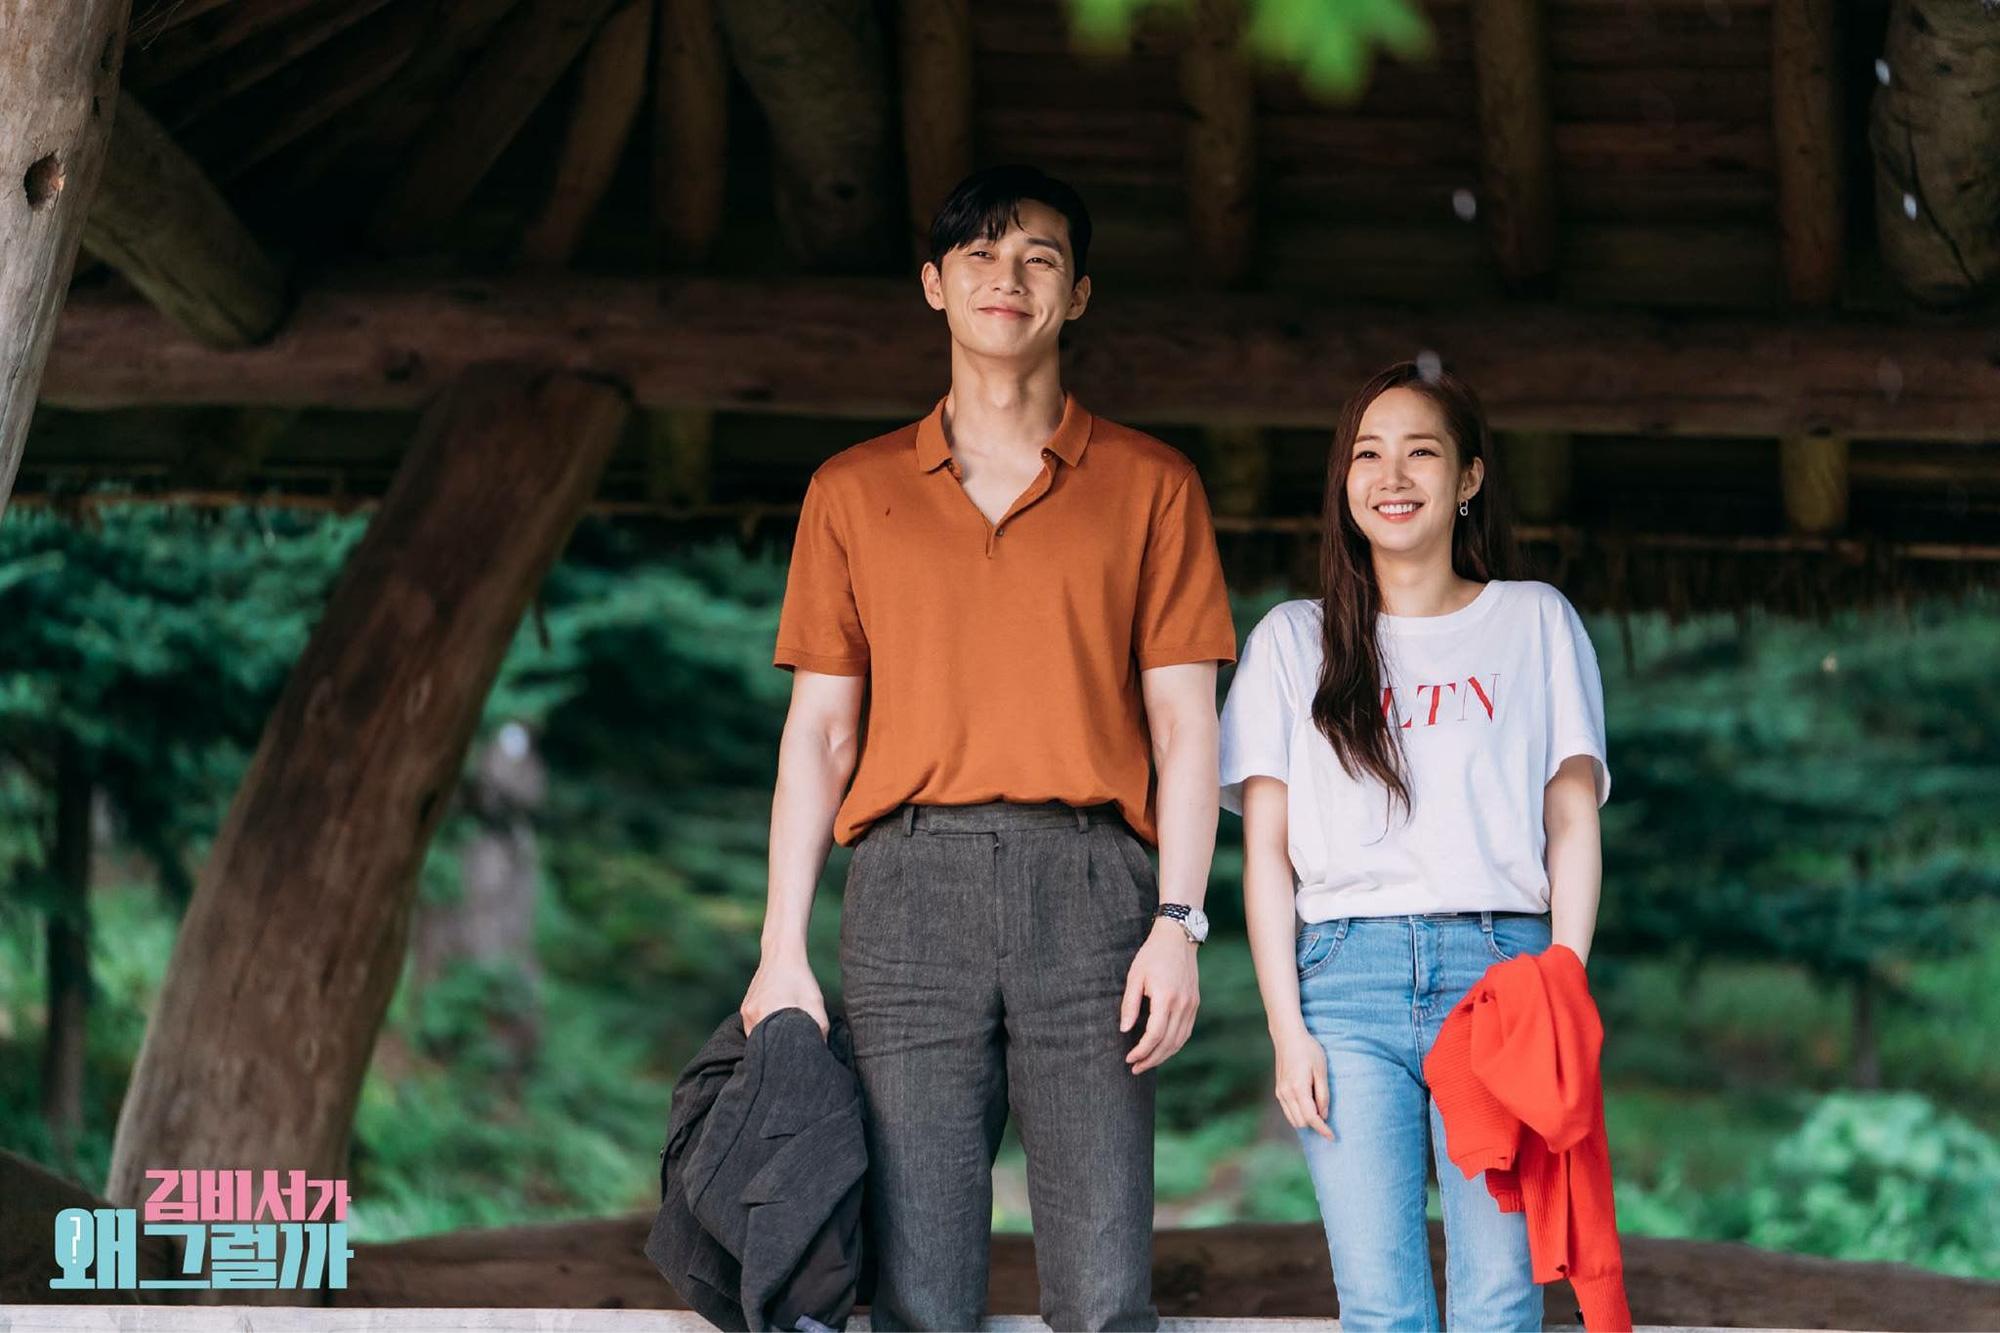 """Bắt trend trễ 2 năm sau Park Min Young nhưng Sam vẫn khéo lên đồ """"lồng lộn"""" hơn hẳn - Ảnh 2."""